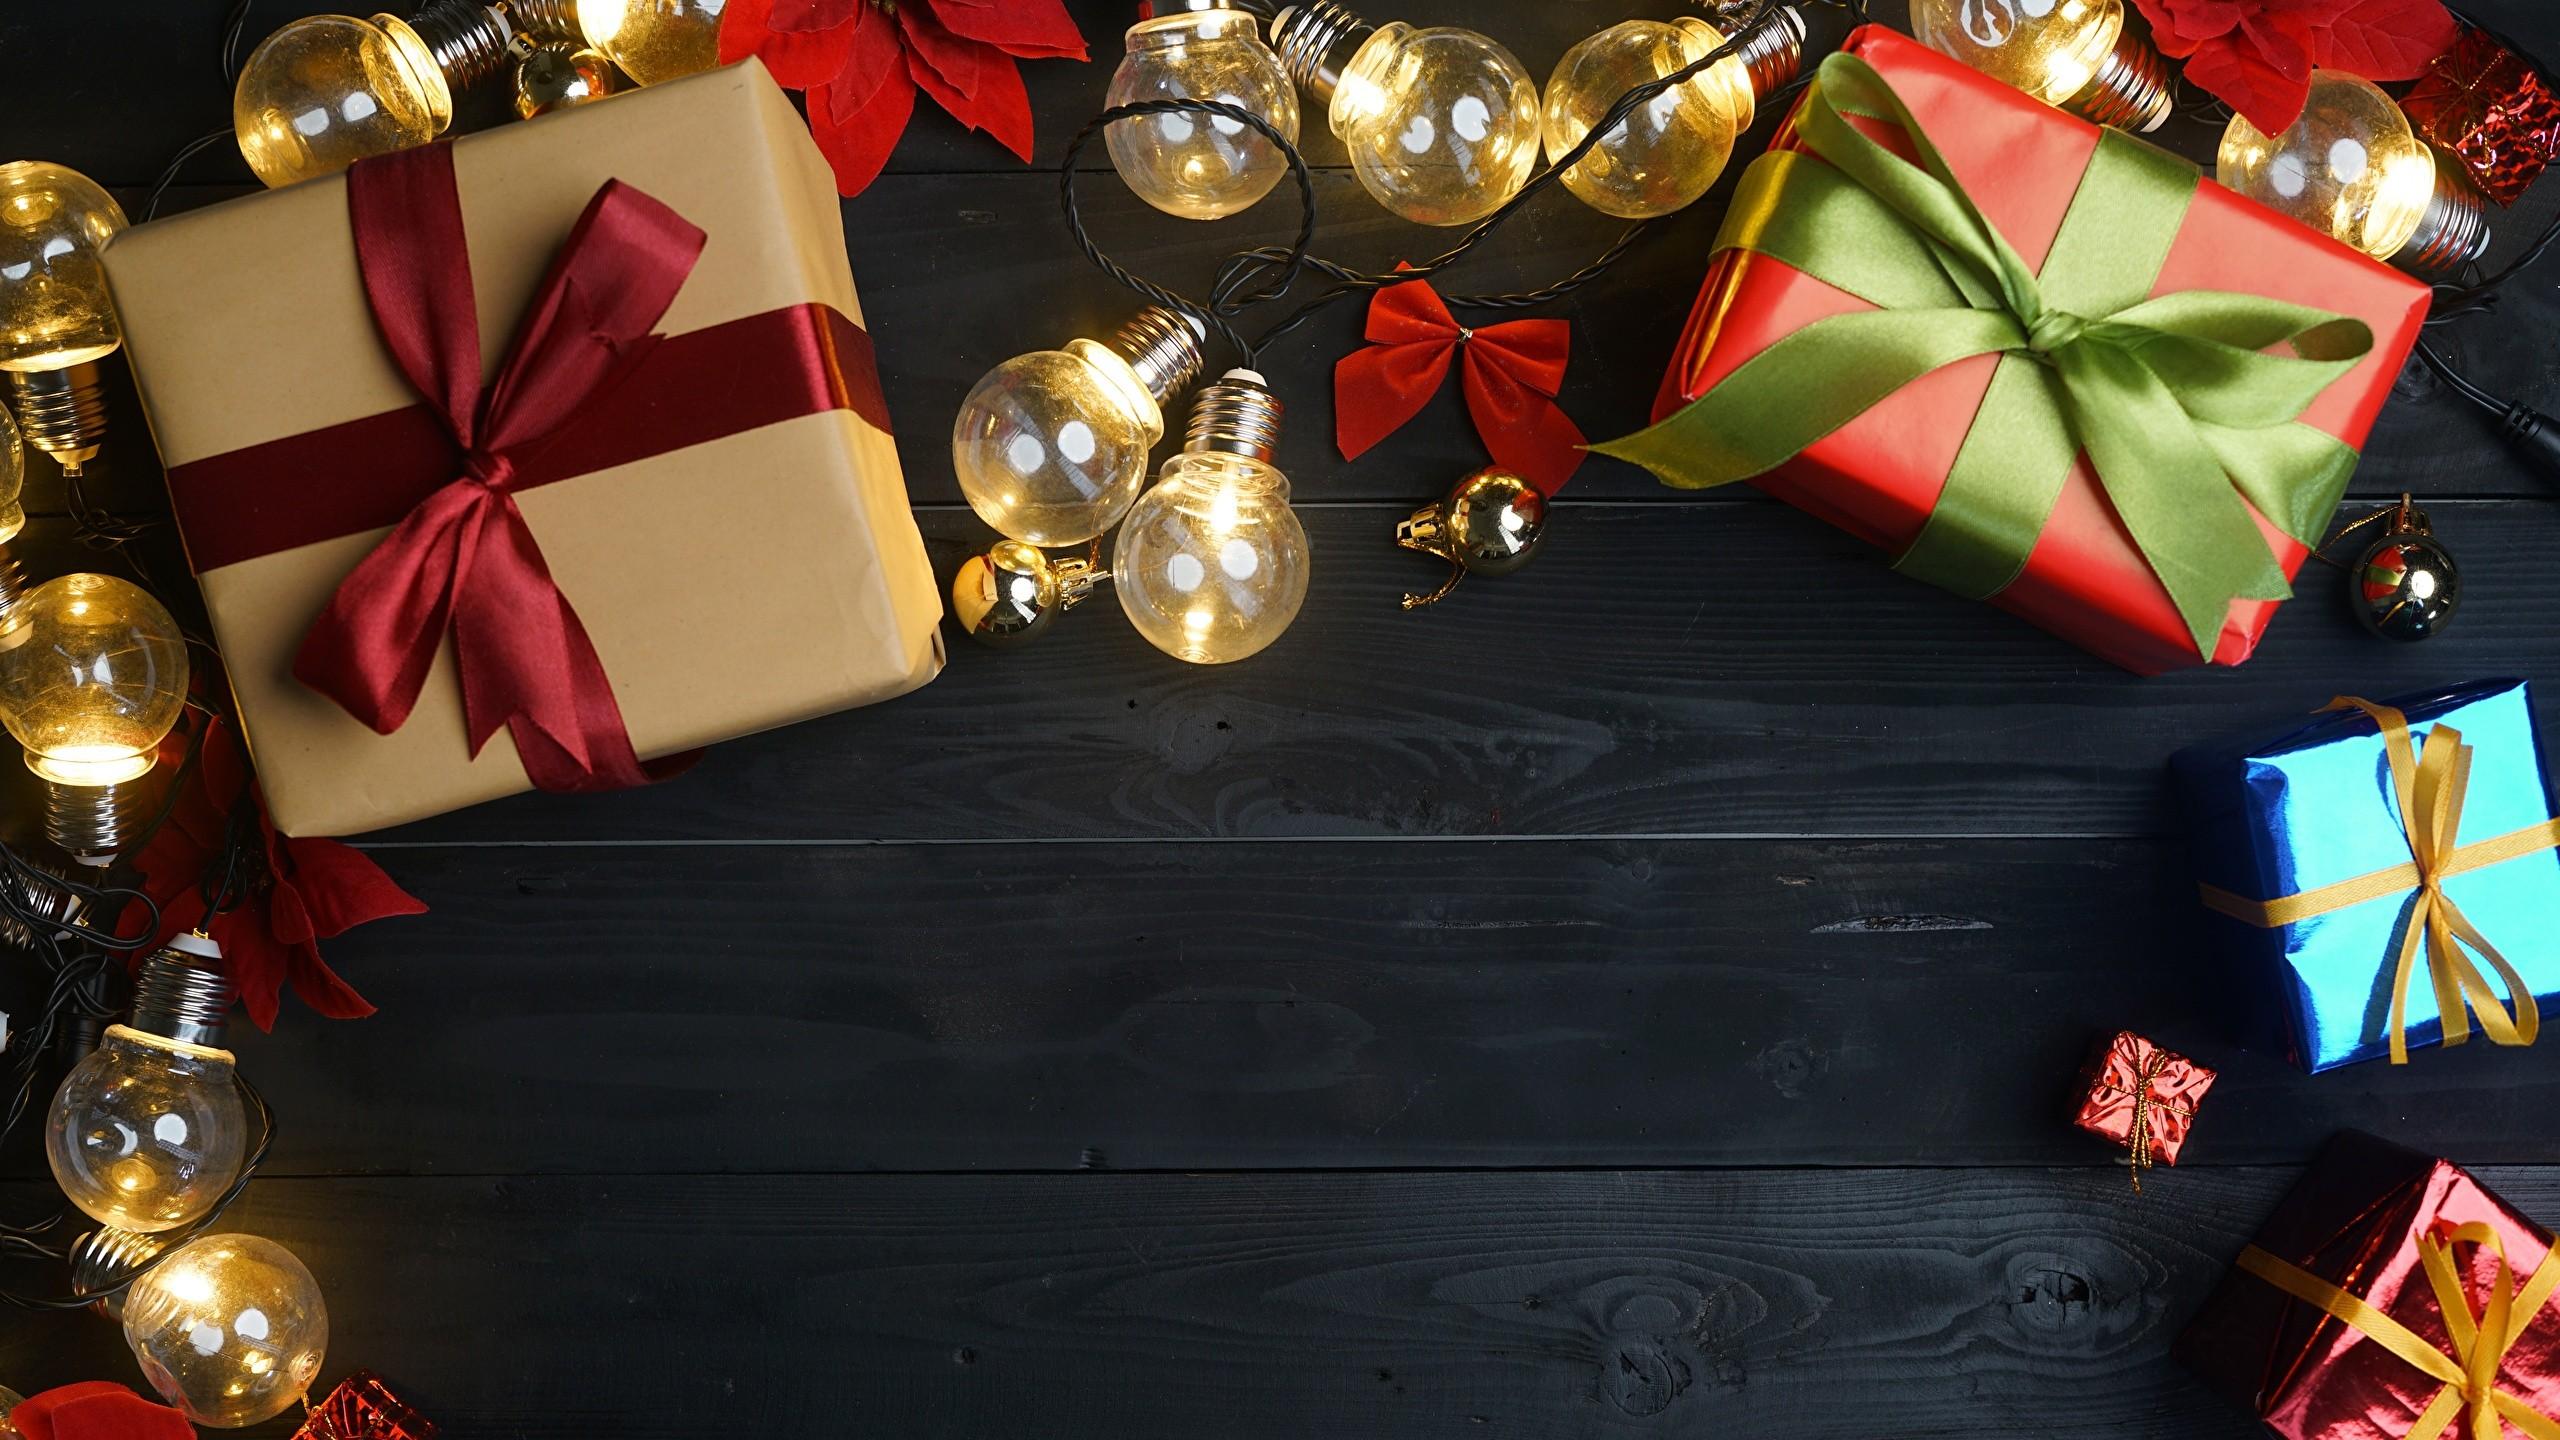 New Year Stylish Wallpaper image hd